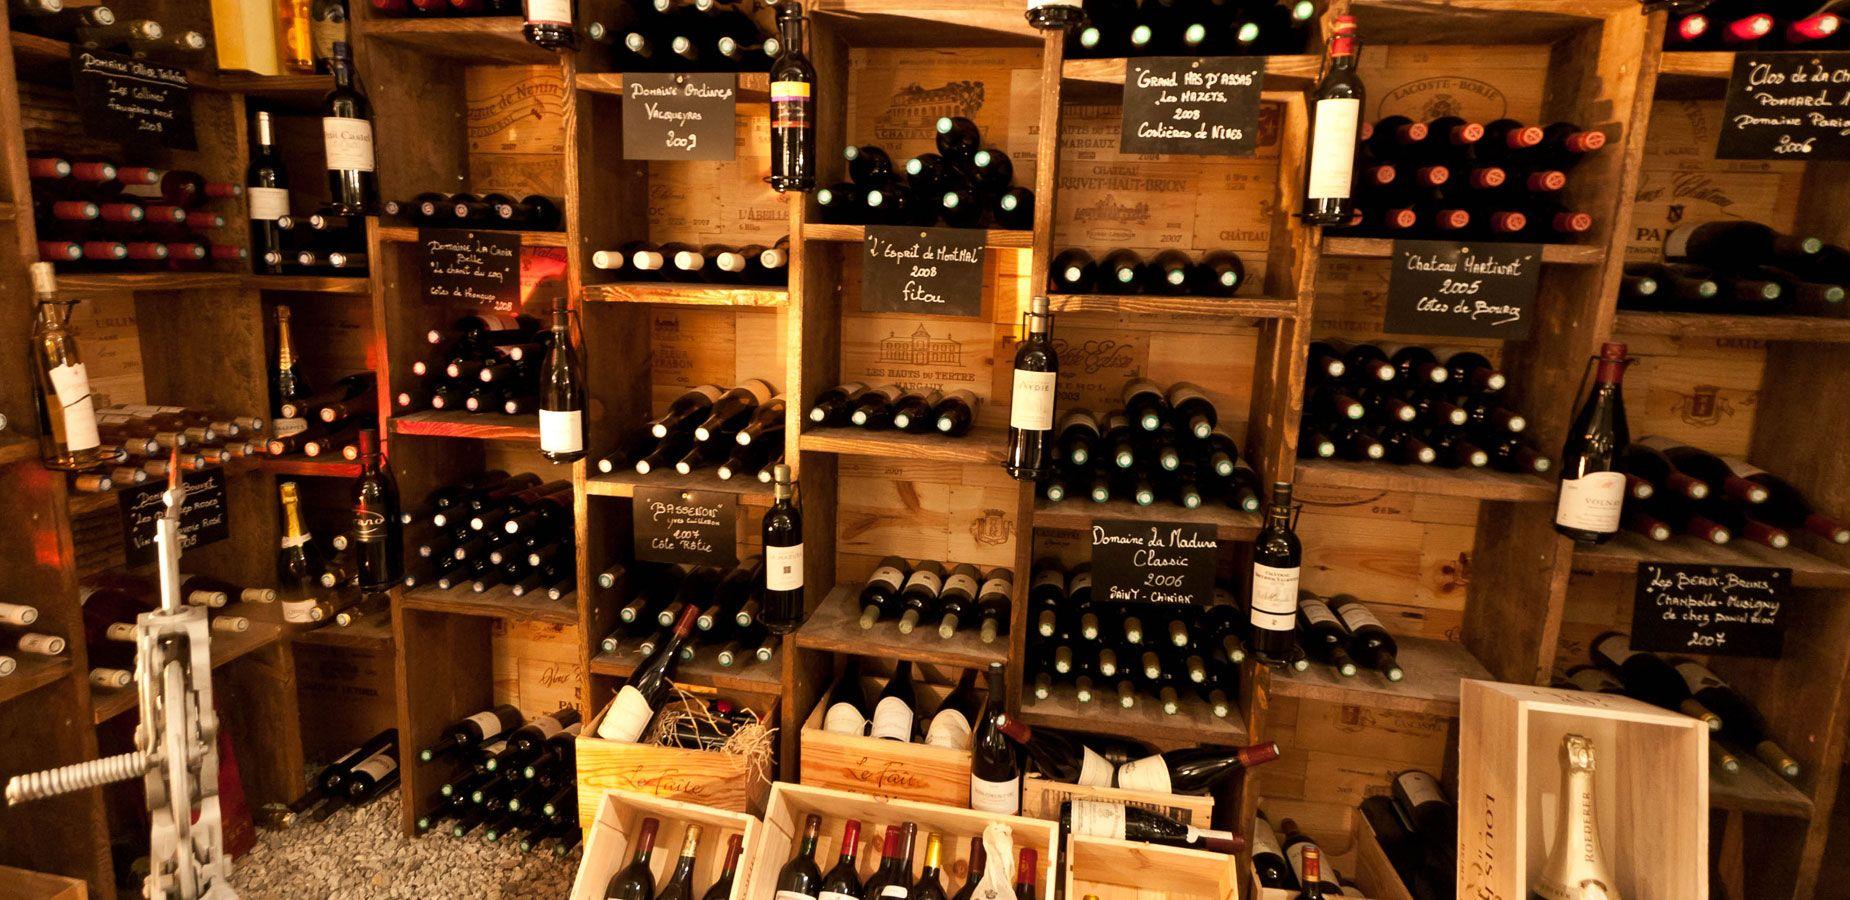 bg wine bar cave vins pinterest comment parler cave et vin. Black Bedroom Furniture Sets. Home Design Ideas